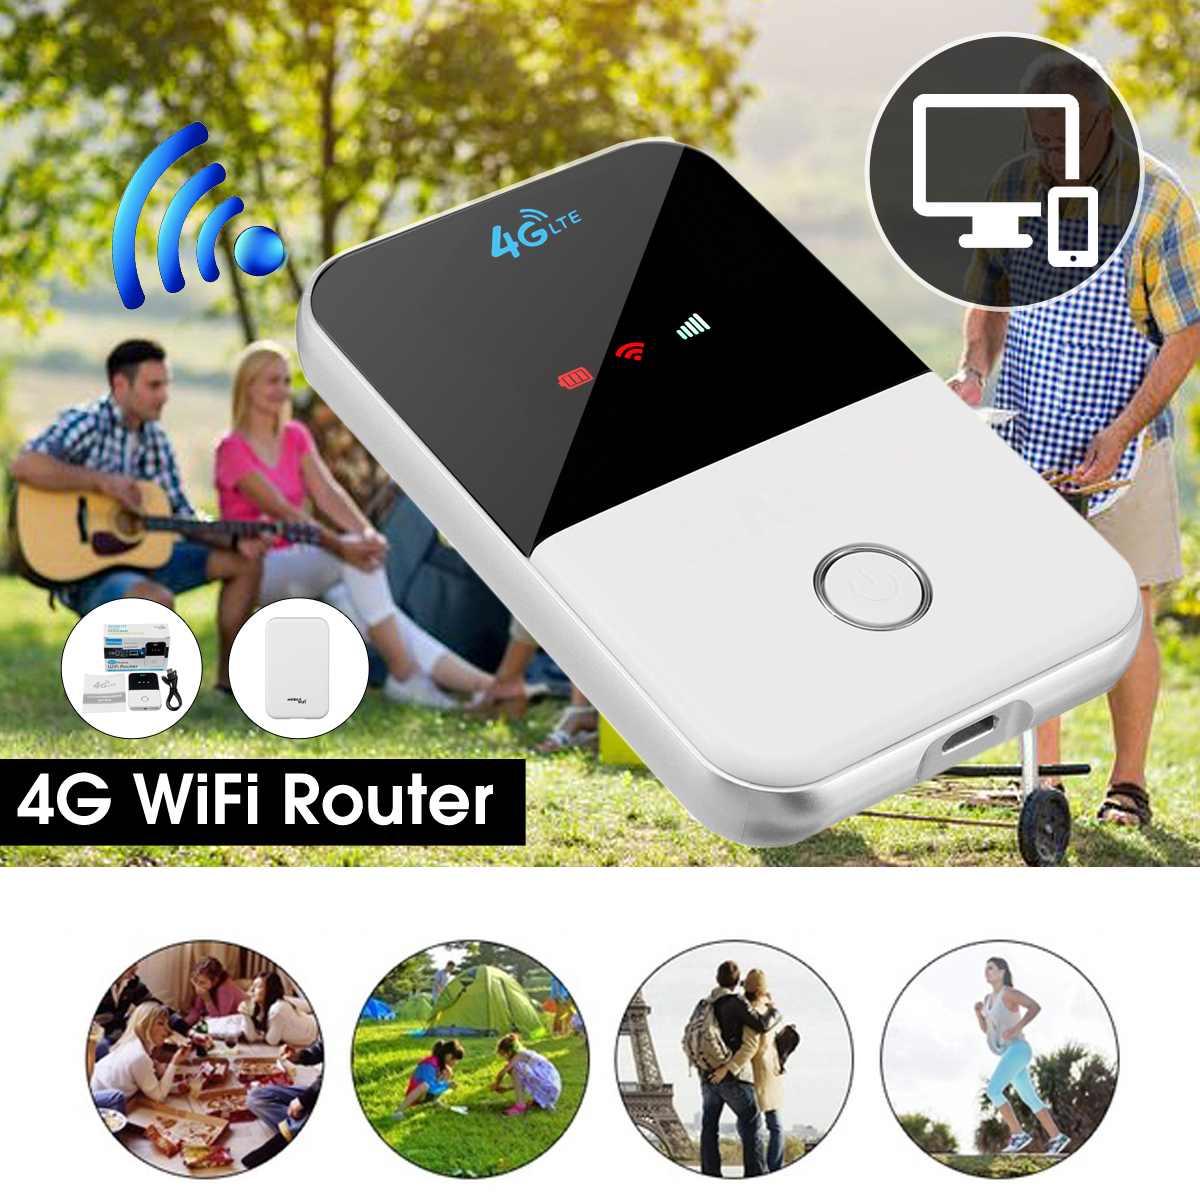 MF825 4G LTE mi-fi routeur Portable 150 Mbps Modem Hotspot voiture WiFi routeur 4G routeur Internet sécurisé prise en charge jusqu'à 10 utilisateurs femme